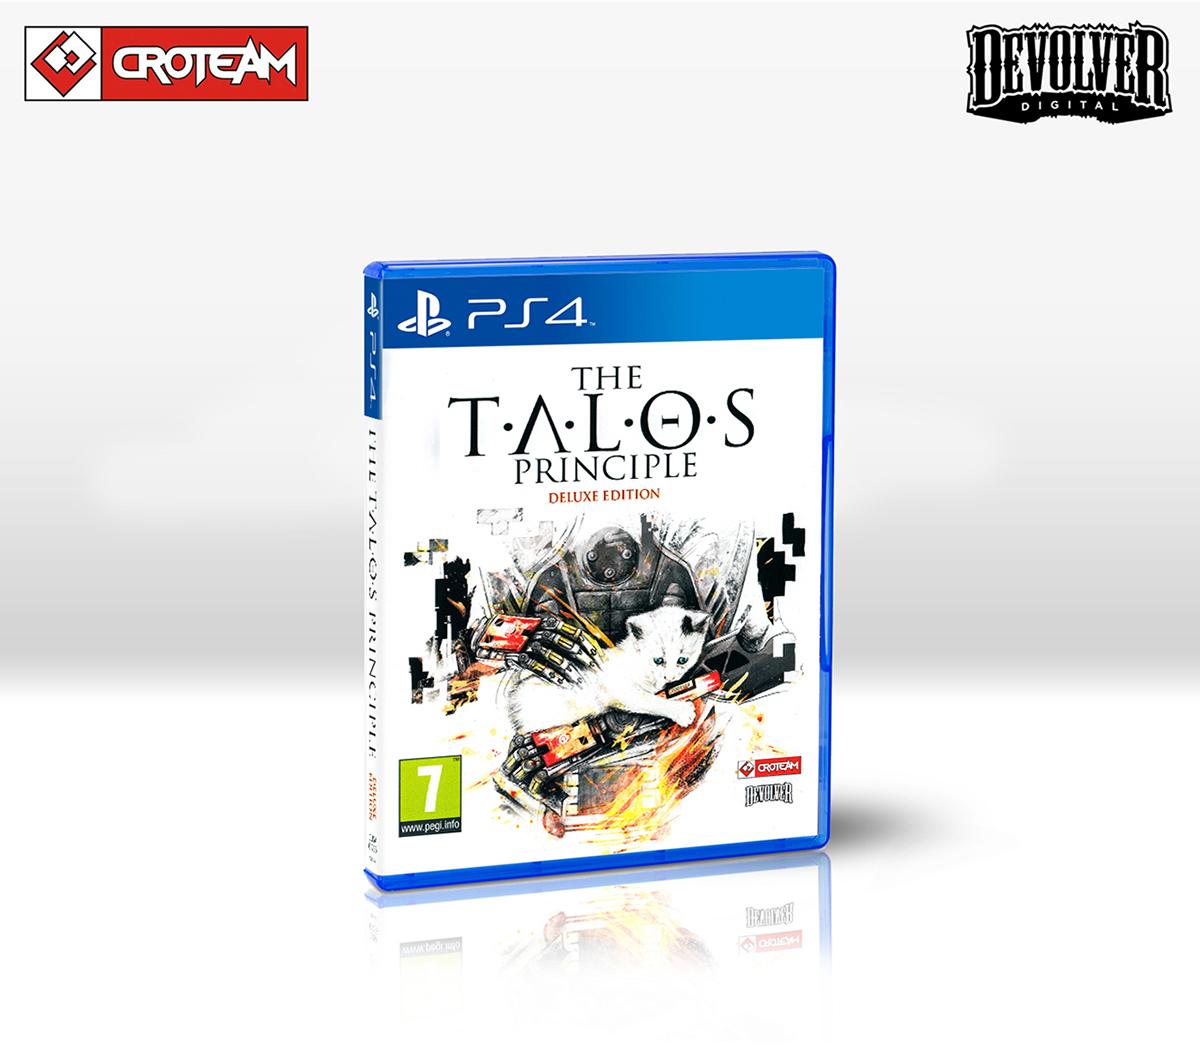 The Talos Principle <br> PS4 & Vinyl Design